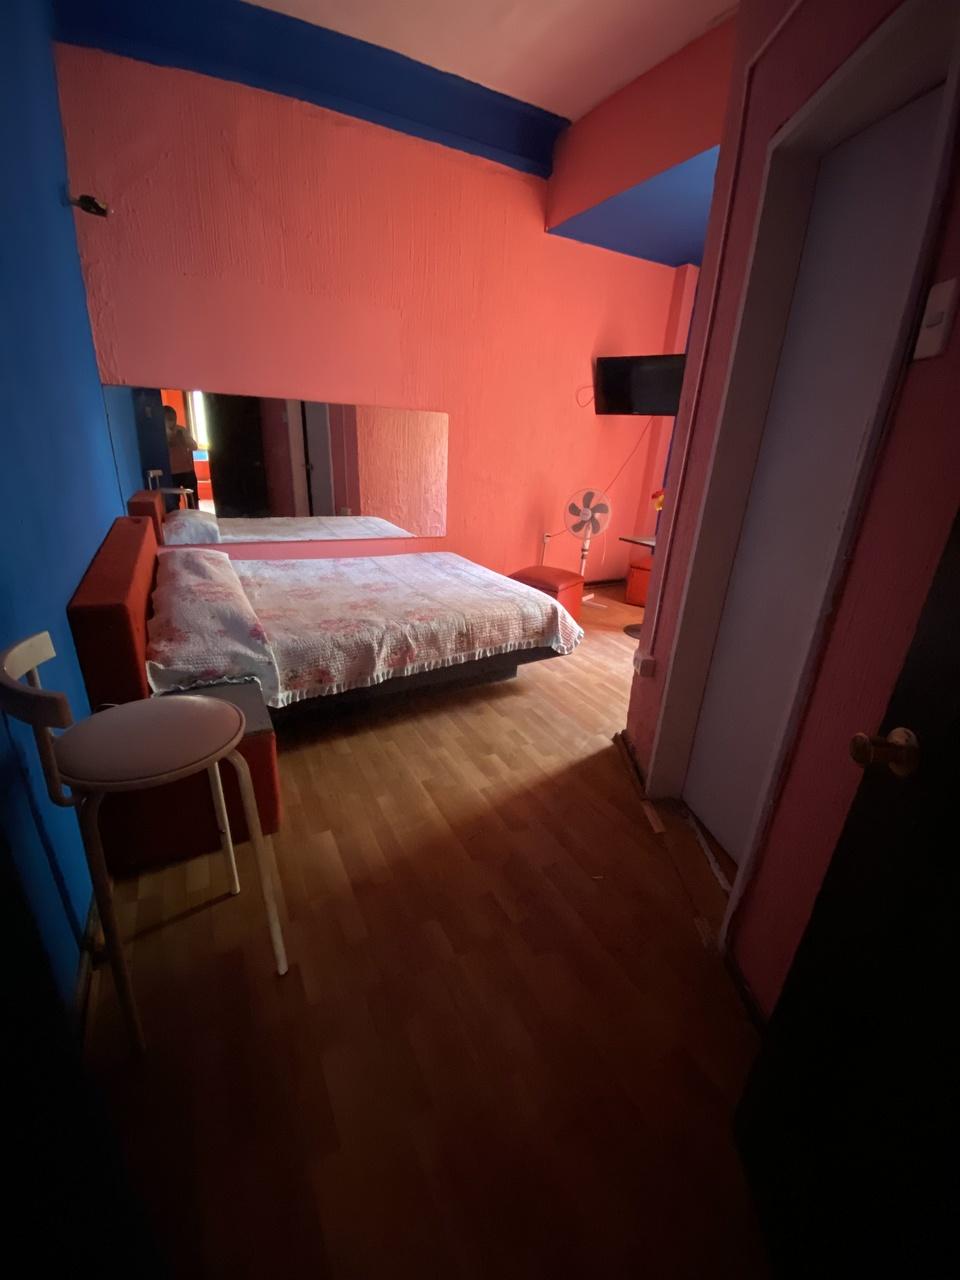 La Cle en Santiago : MotelNow